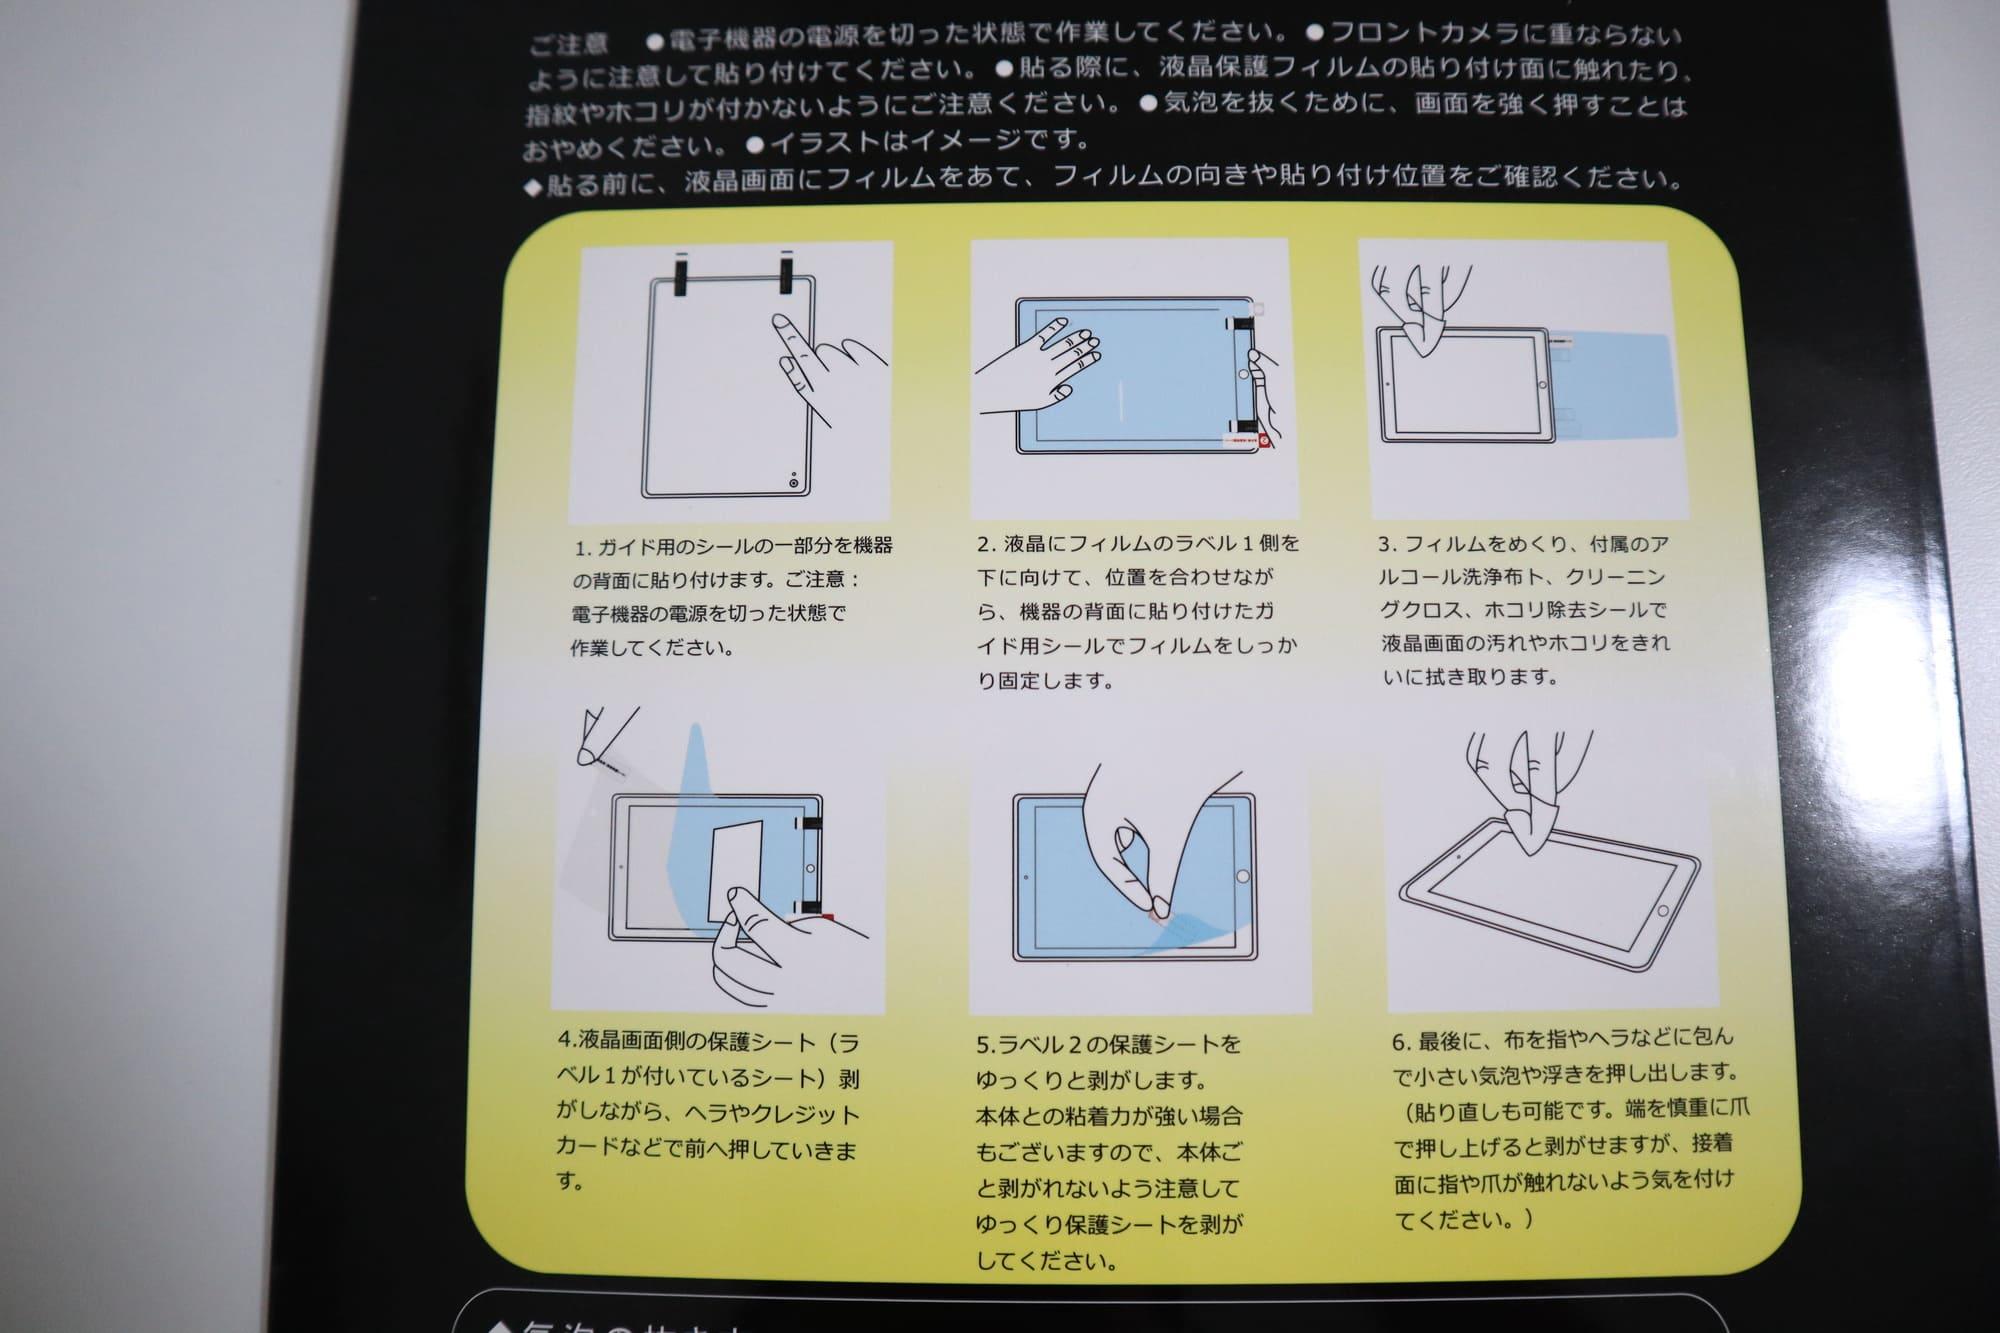 「PCフィルター専門工房」のペーパーライクフィルムの貼り付け方